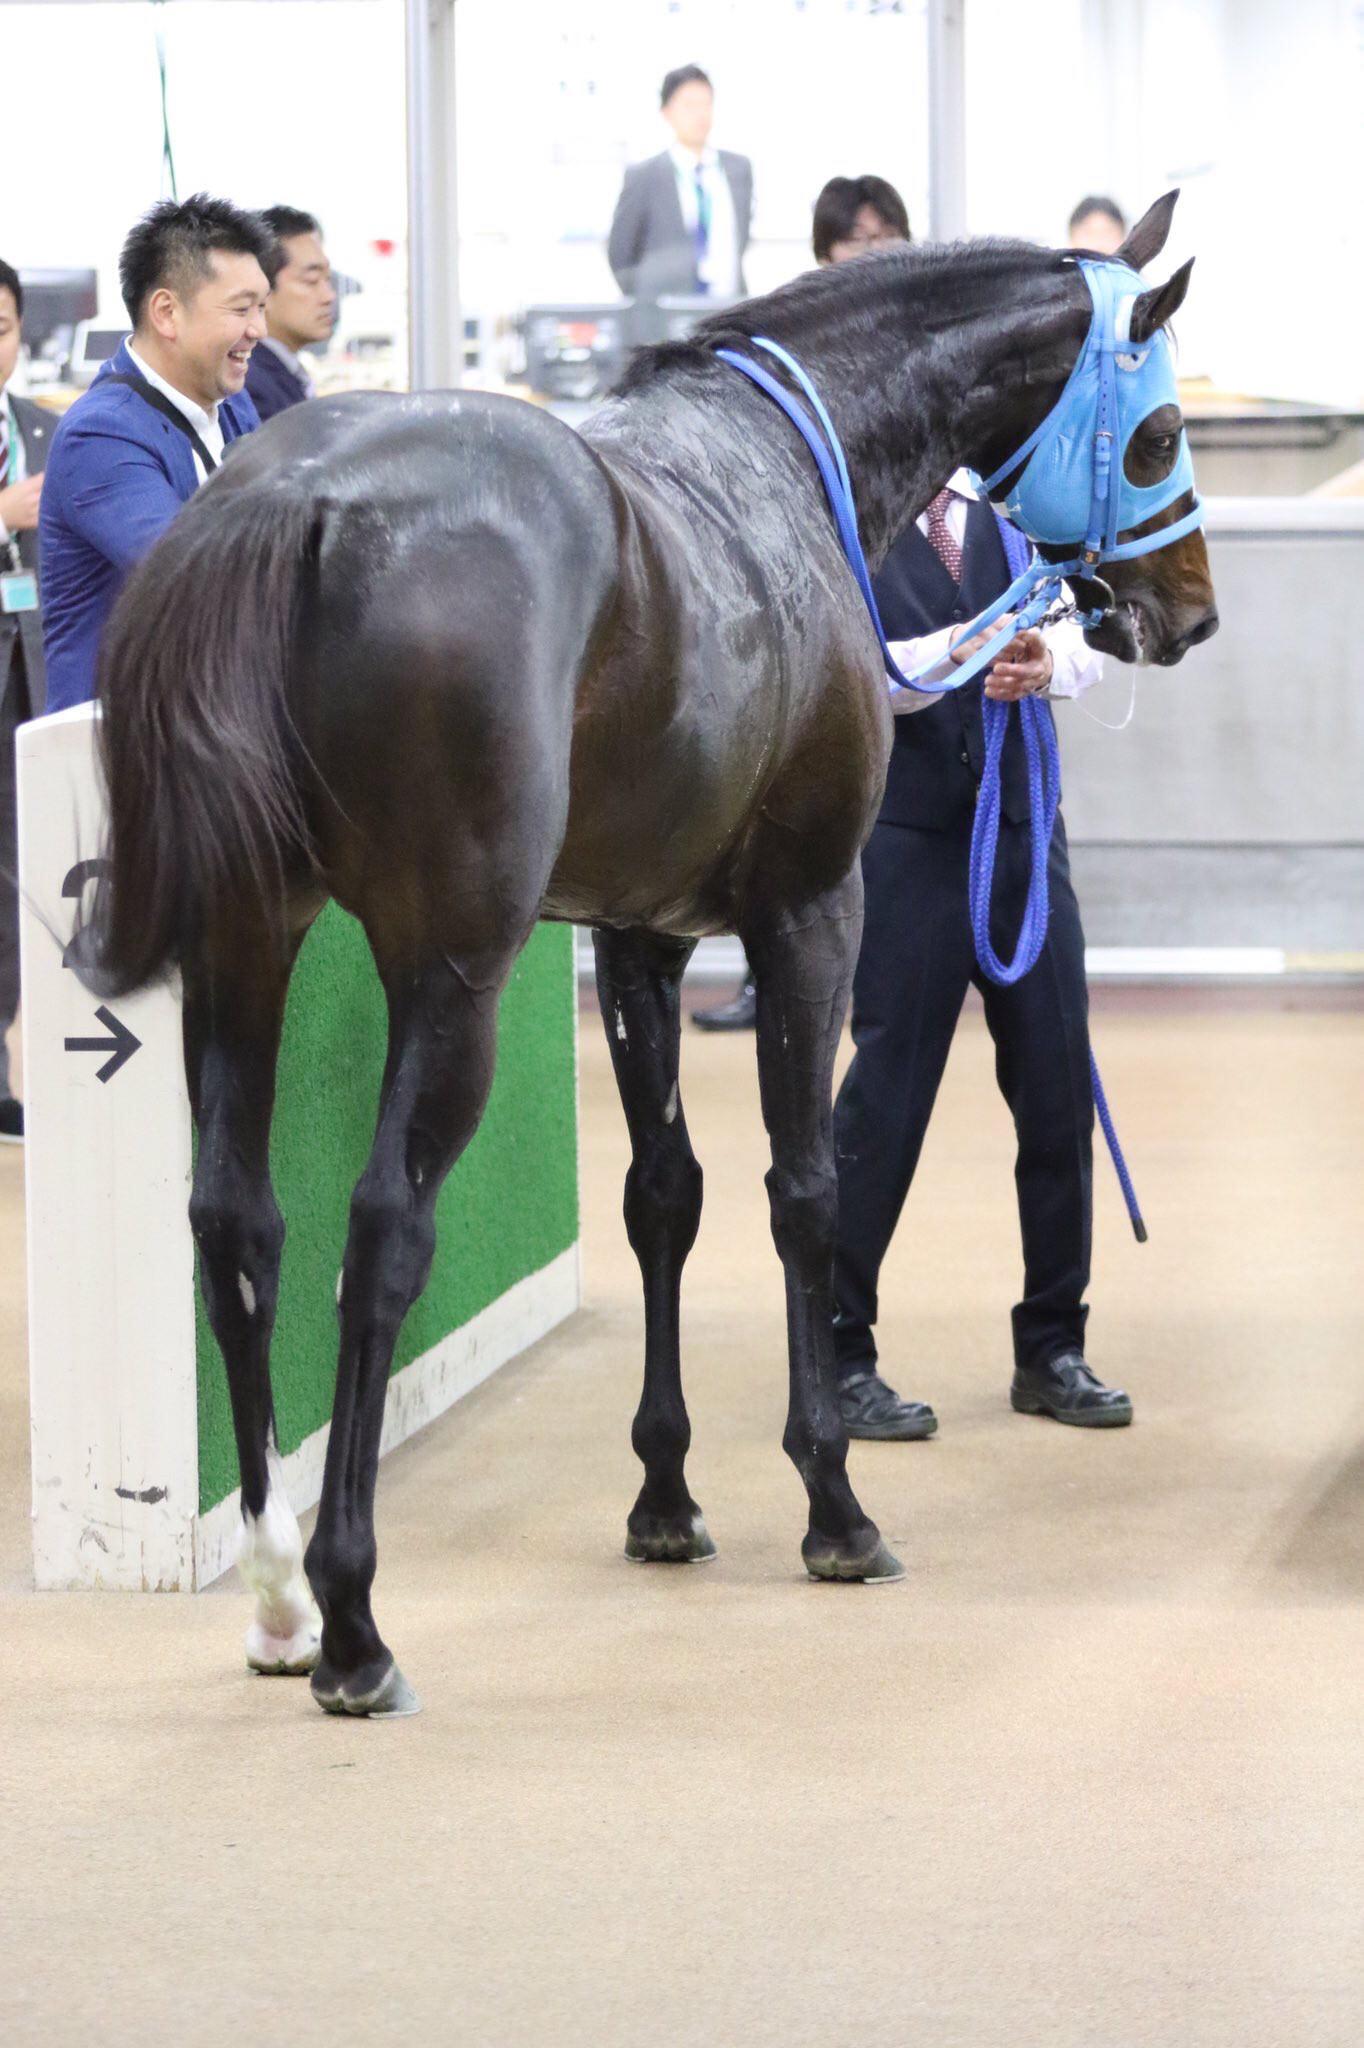 keiba 1541296202 16802 - 長山オーナー「今後は武豊のスケジュール次第でレースを決める。豊はこの馬に乗らなけらばいけない使命だよ。」